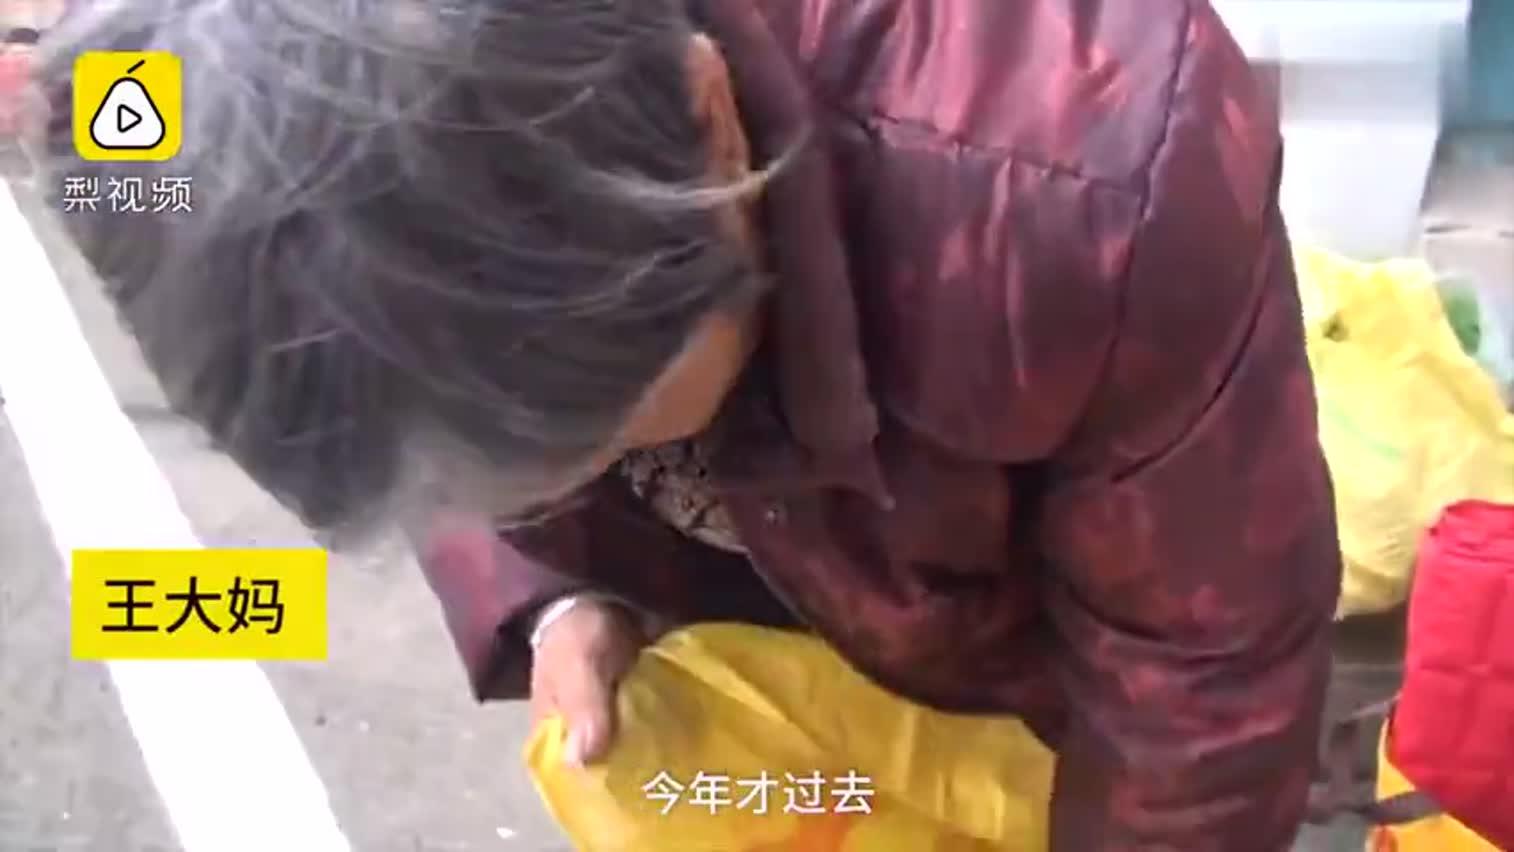 沉甸甸的爱!:我没钱给他,就带点土菜给他们吃吃